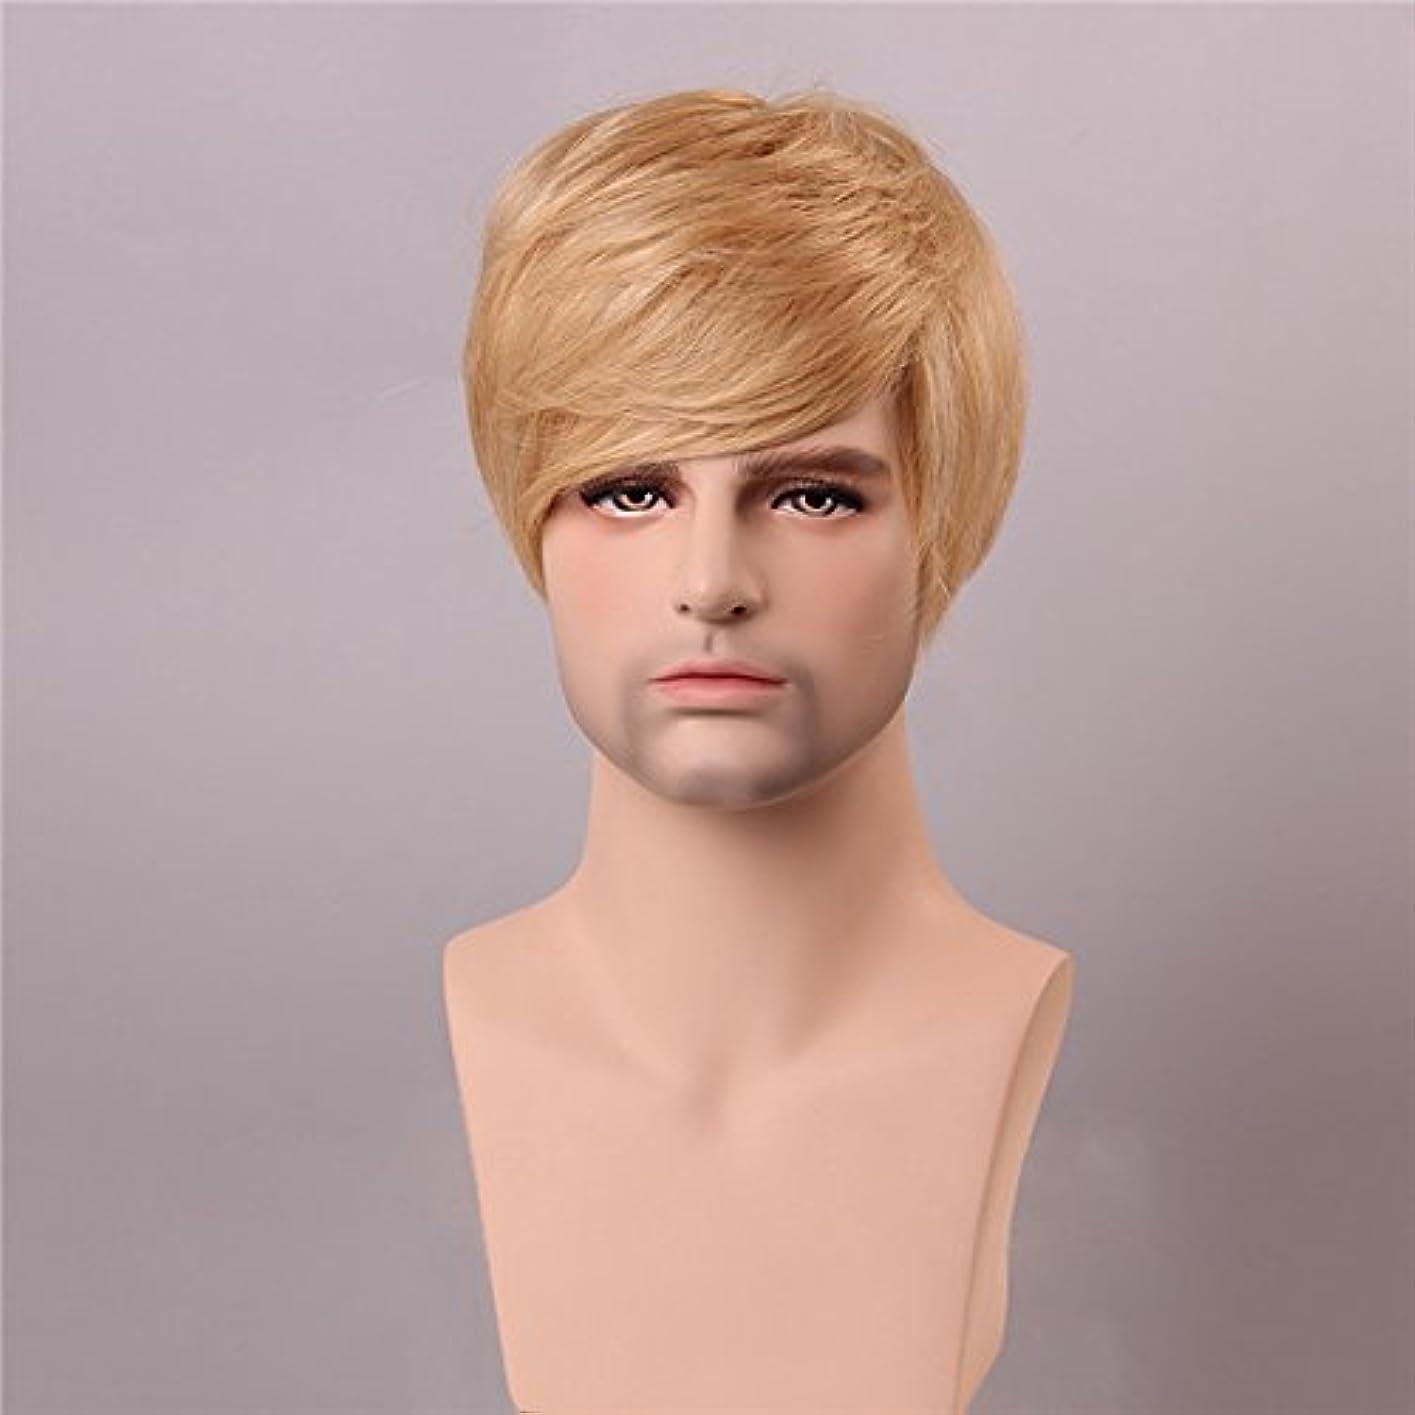 民間人松明中古YZUEYT ブロンドの男性短いモノラルトップの人間の髪のかつら男性のヴァージンレミーキャップレスサイドバング YZUEYT (Size : One size)